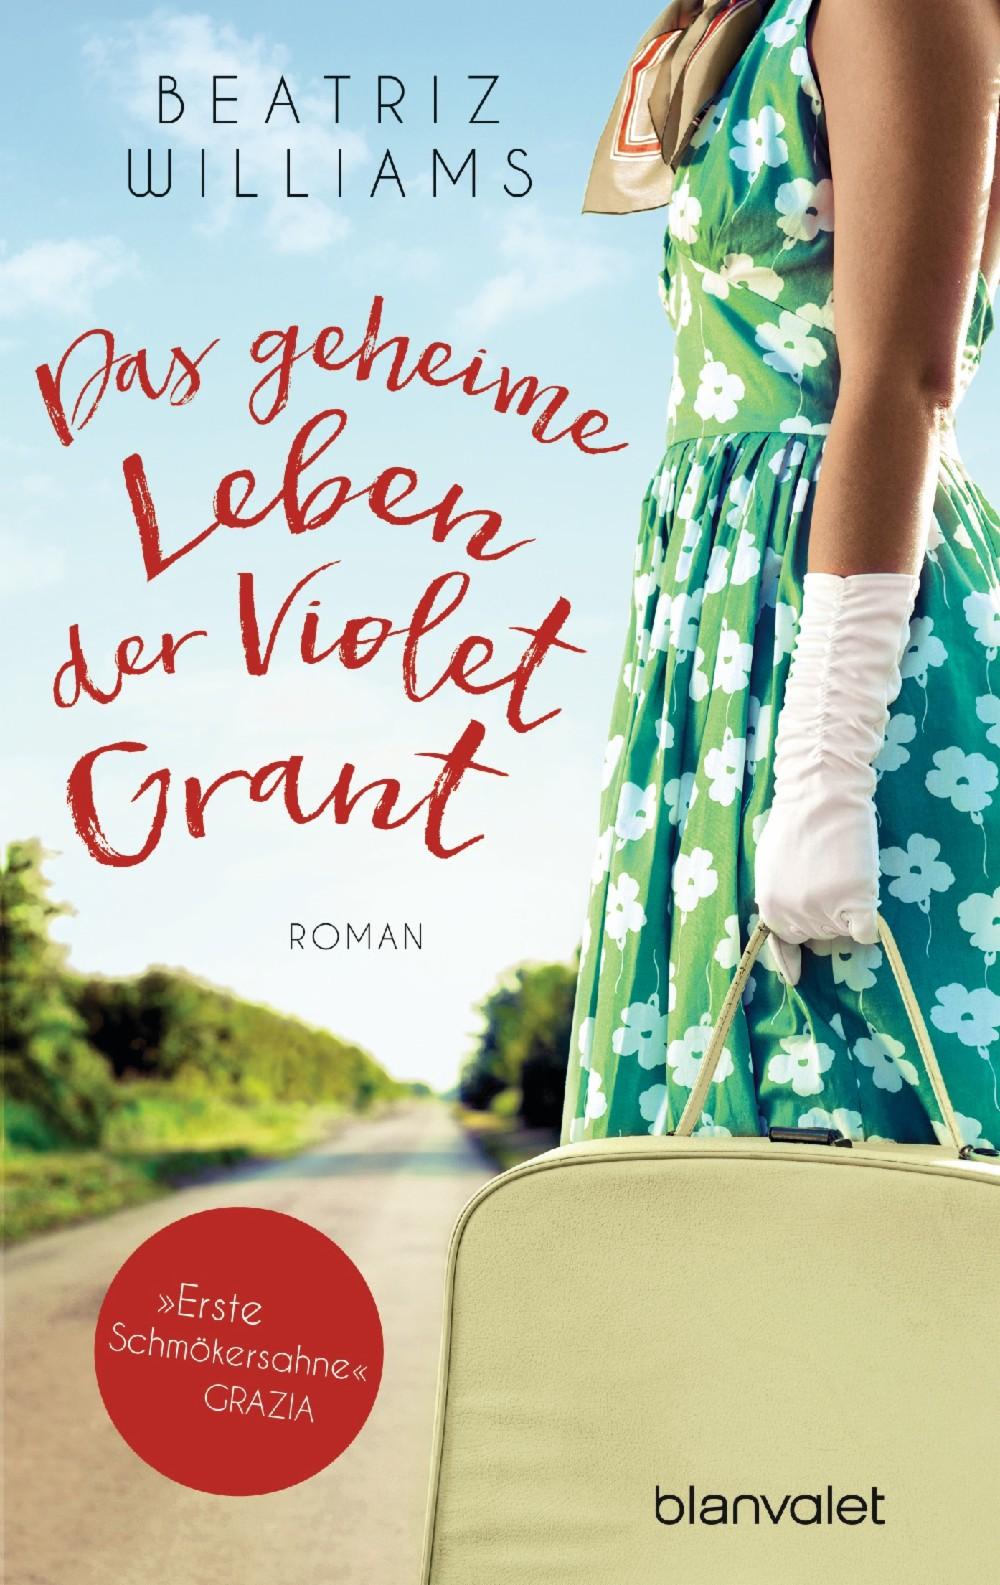 Beatriz Williams, Das geheime Leben der Violet Grant